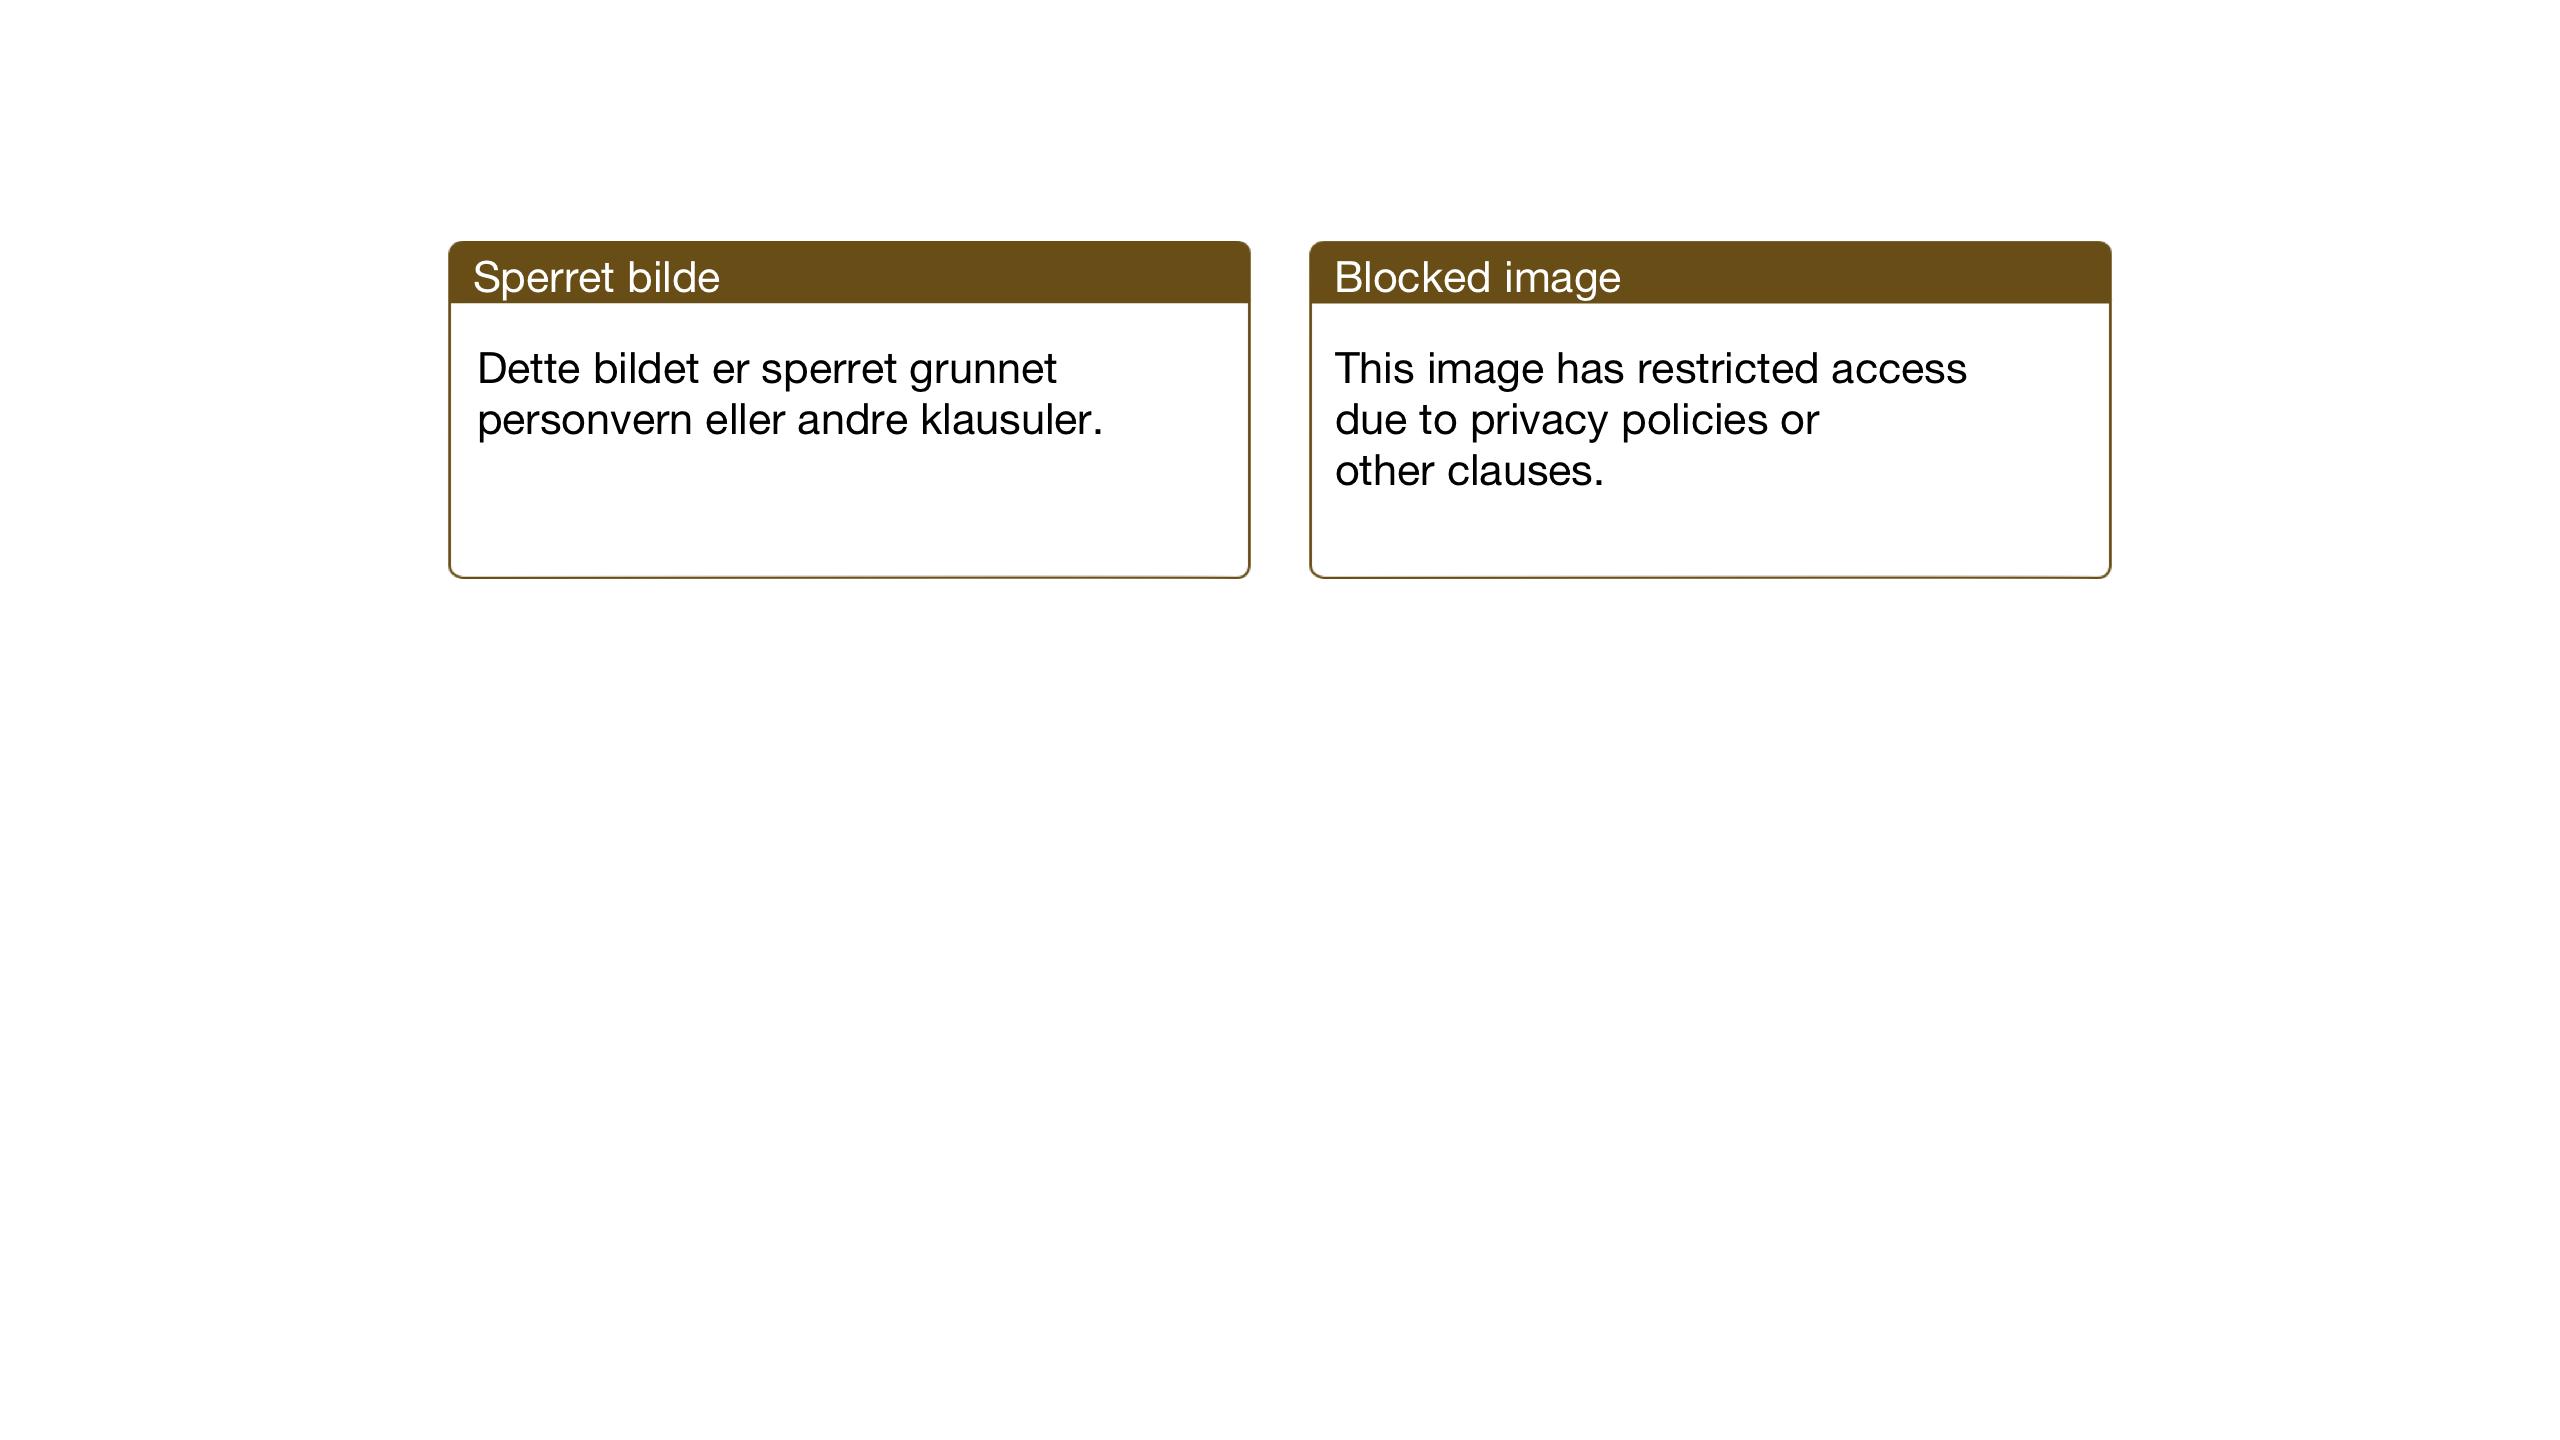 SAT, Ministerialprotokoller, klokkerbøker og fødselsregistre - Sør-Trøndelag, 604/L0210: Ministerialbok nr. 604A30, 1932-1946, s. 1